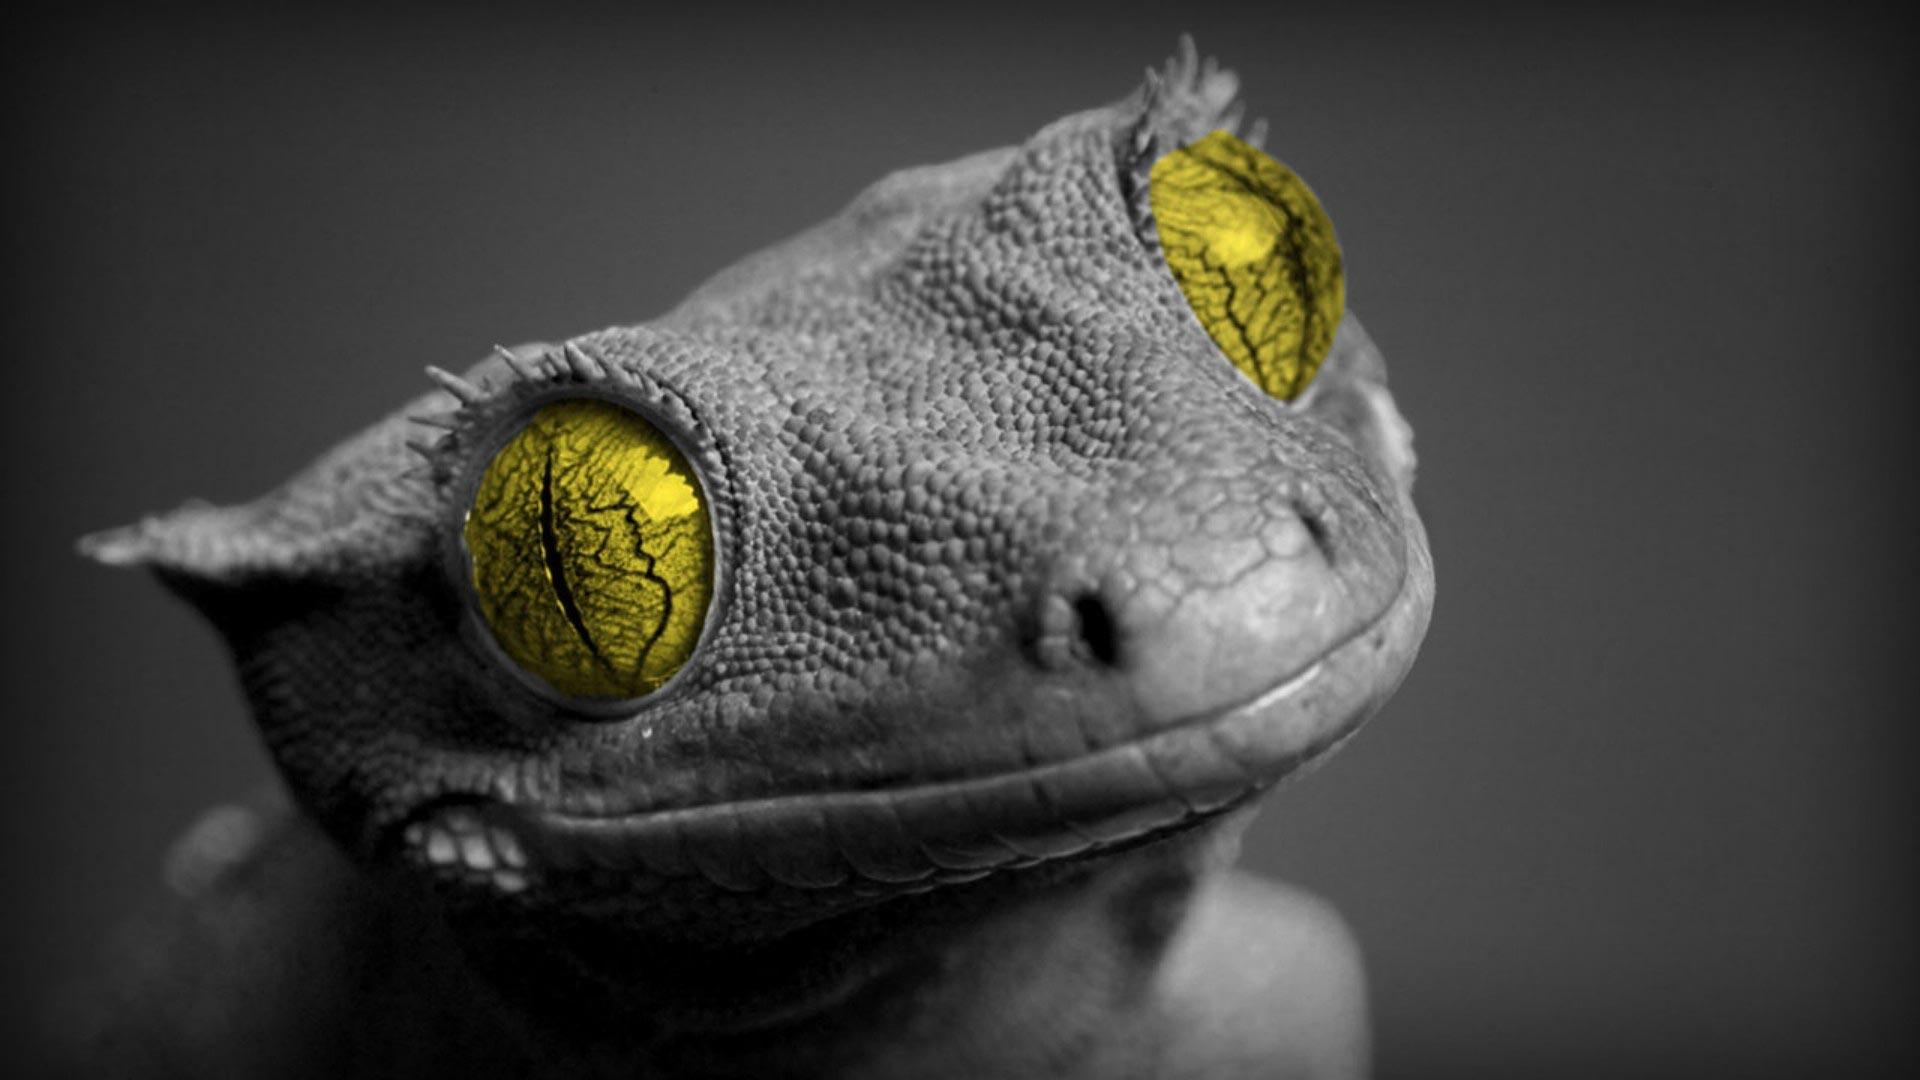 cute lizard widescreen high definition wallpaper